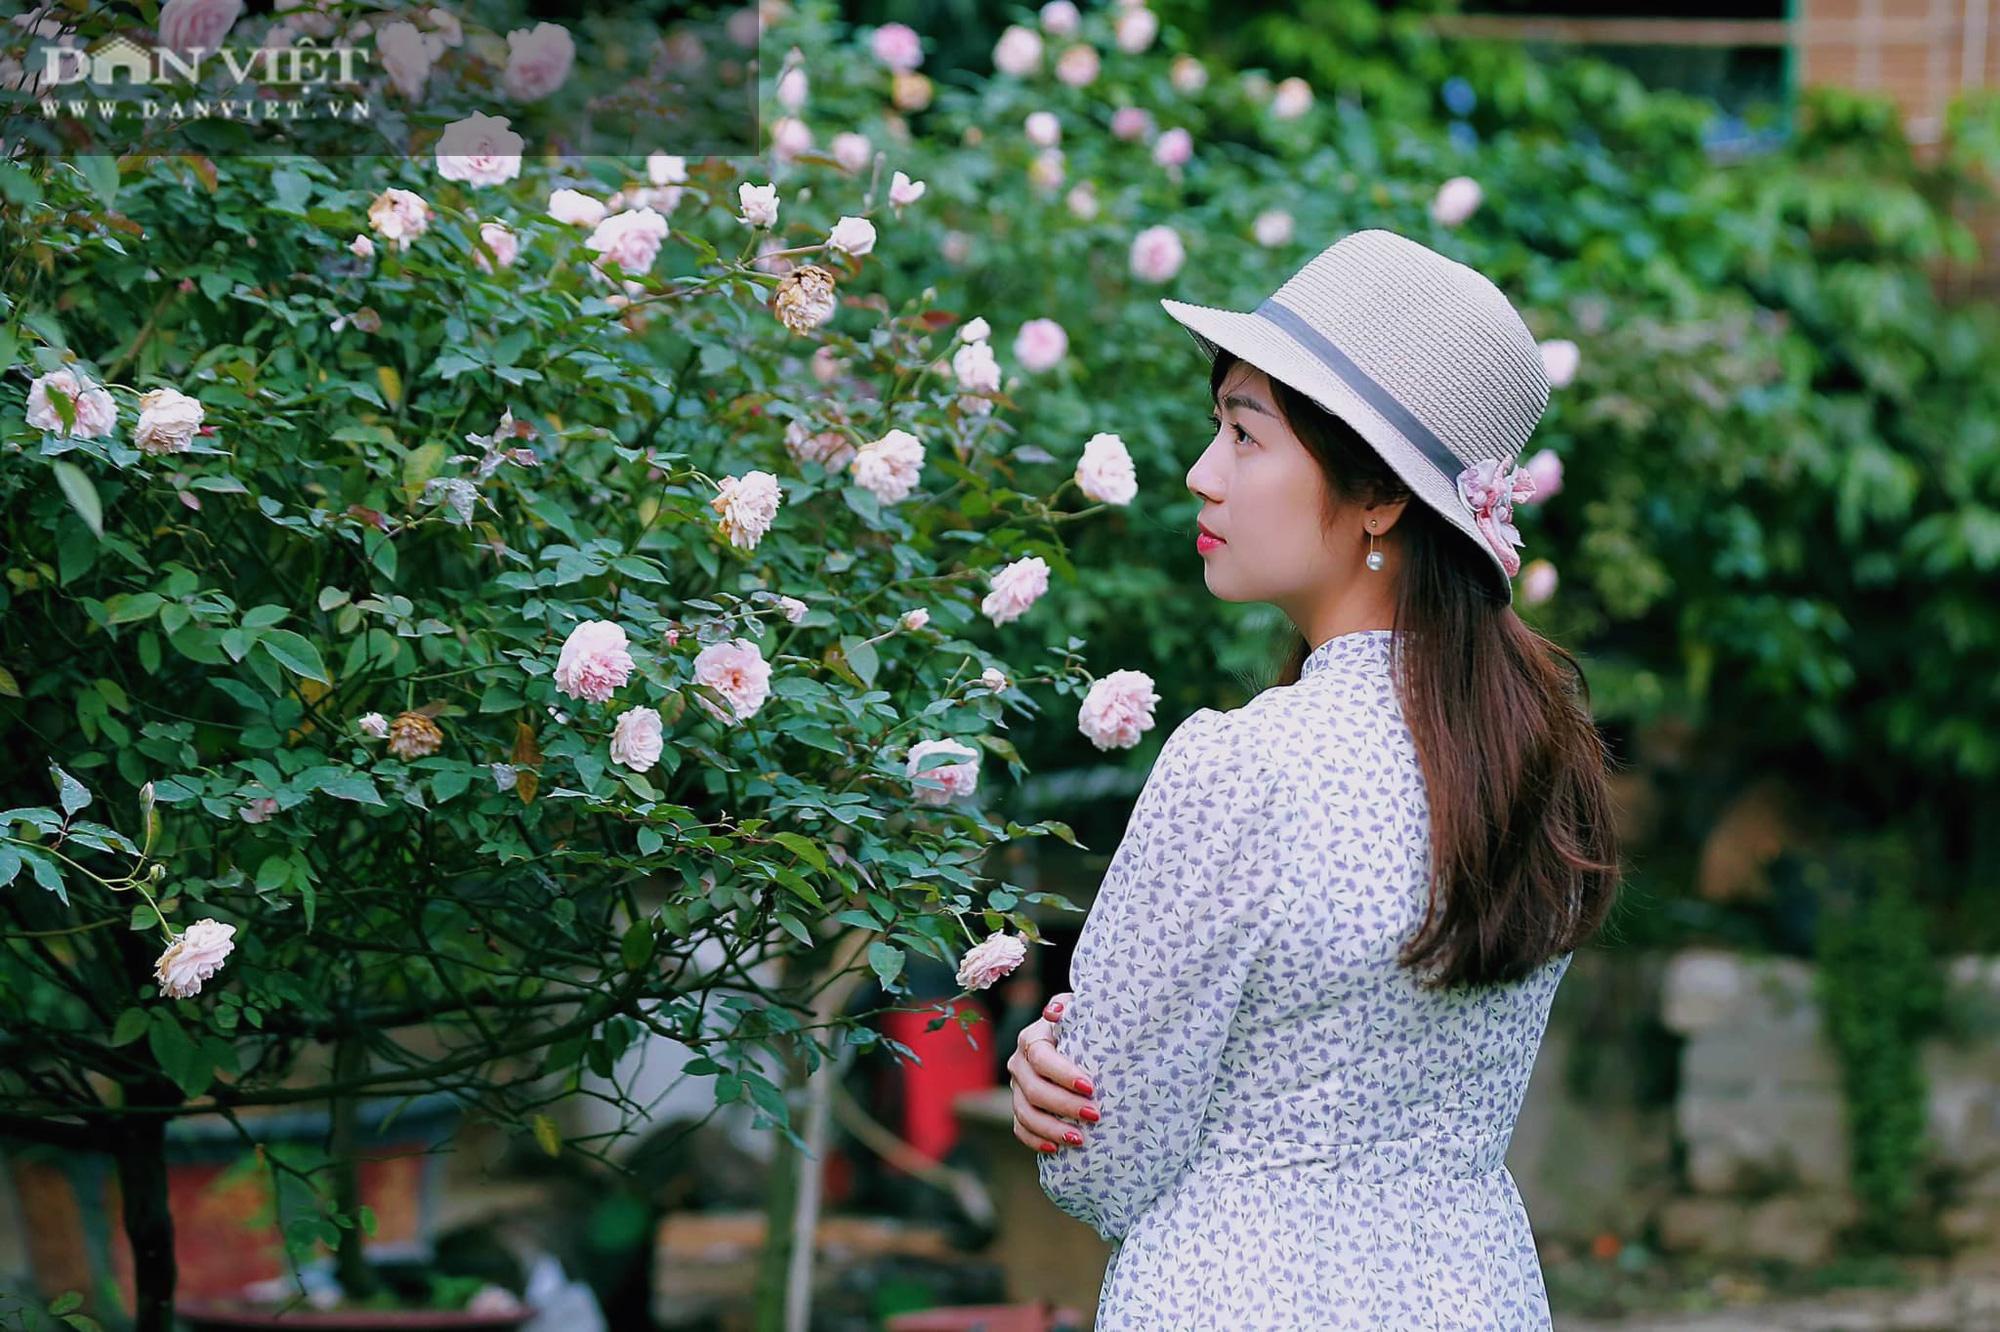 """Thái Nguyên: Trai trẻ 8X """"gác"""" bằng đại học về quê trồng thứ hoa thơm ngát cả vùng, kiếm hàng chục triệu đồng mỗi tháng - Ảnh 4."""